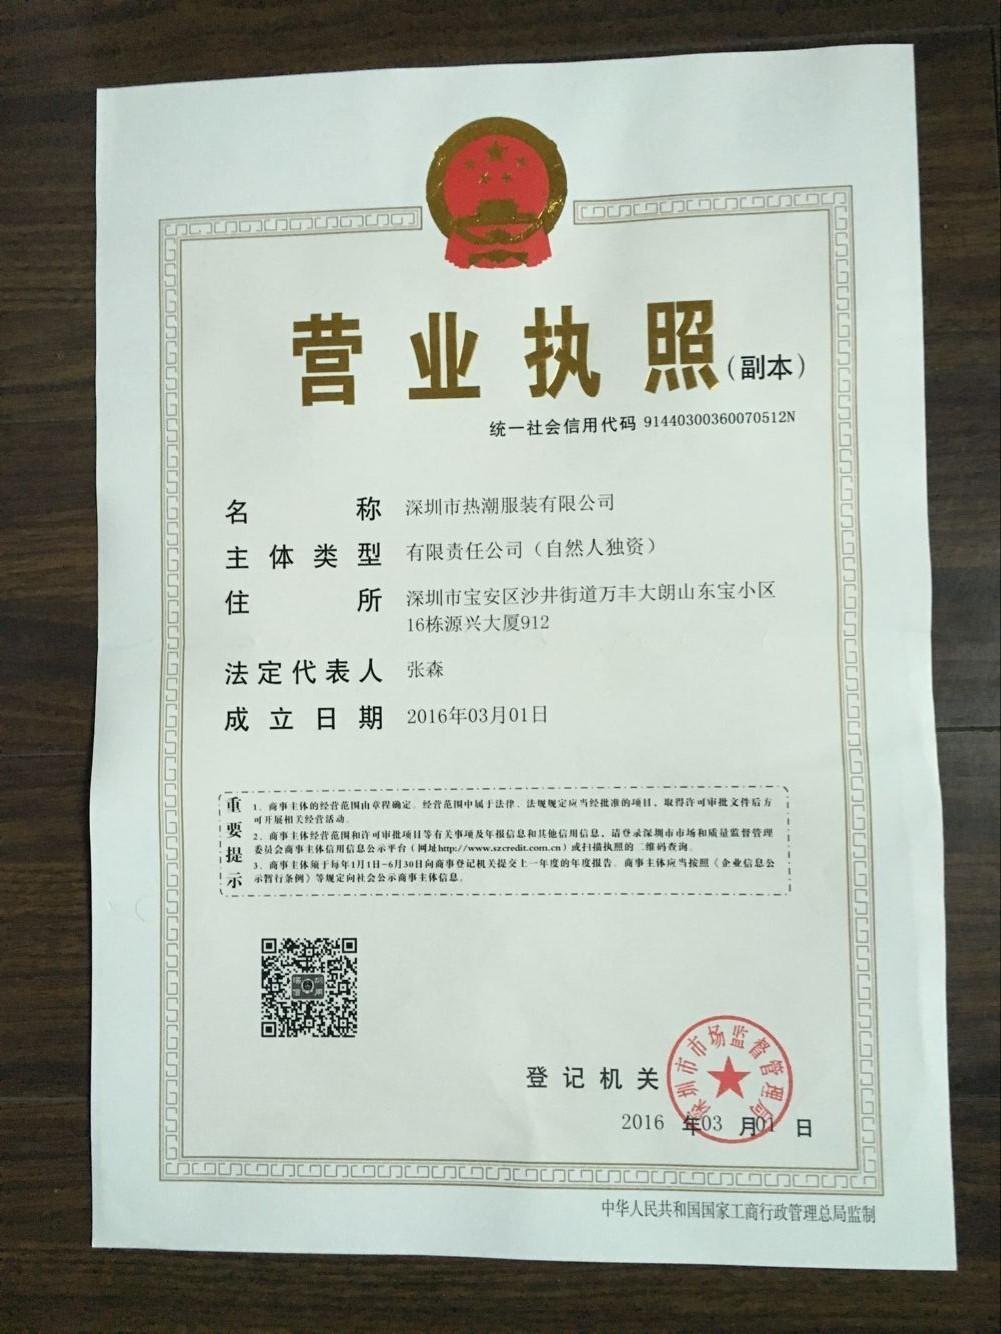 深圳市热潮服装有限公司企业档案